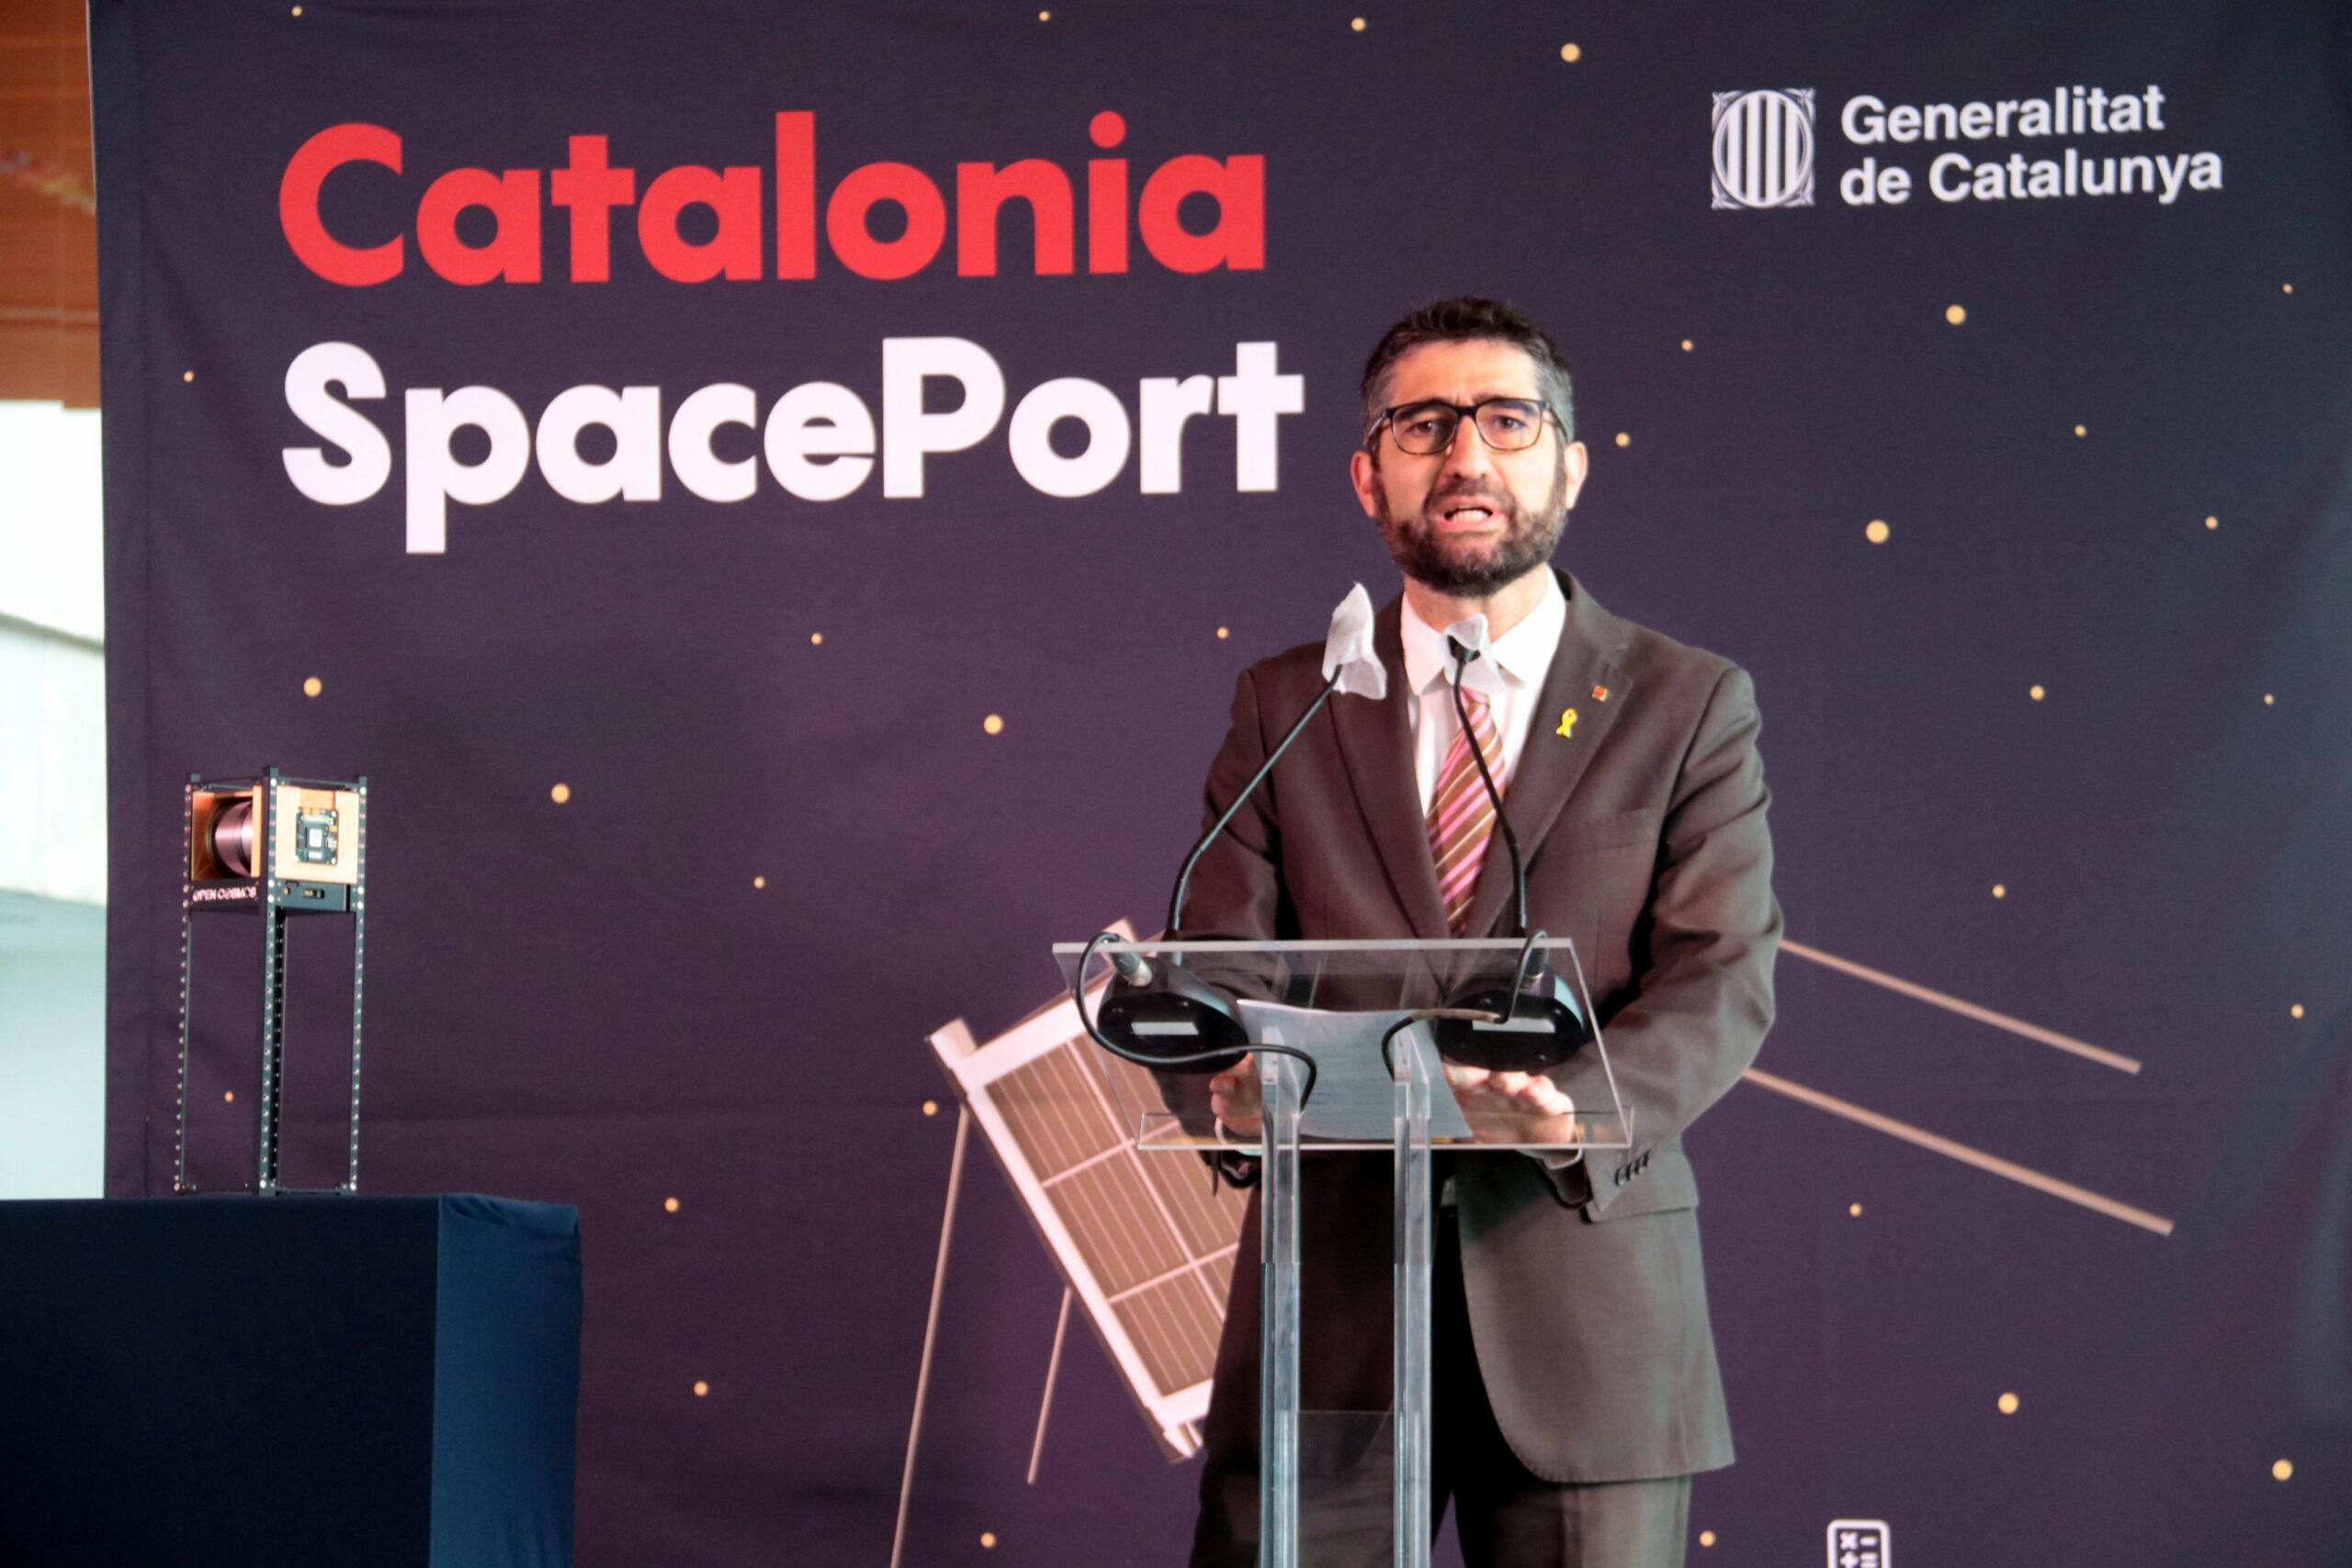 El conseller de Polítiques Digitals i Administració Pública, Jordi Puigneró, presentant el Catalonia SpacePort a l'Aeroport de Lleida-Alguaire, el 18 de desembre del 2020. ACN